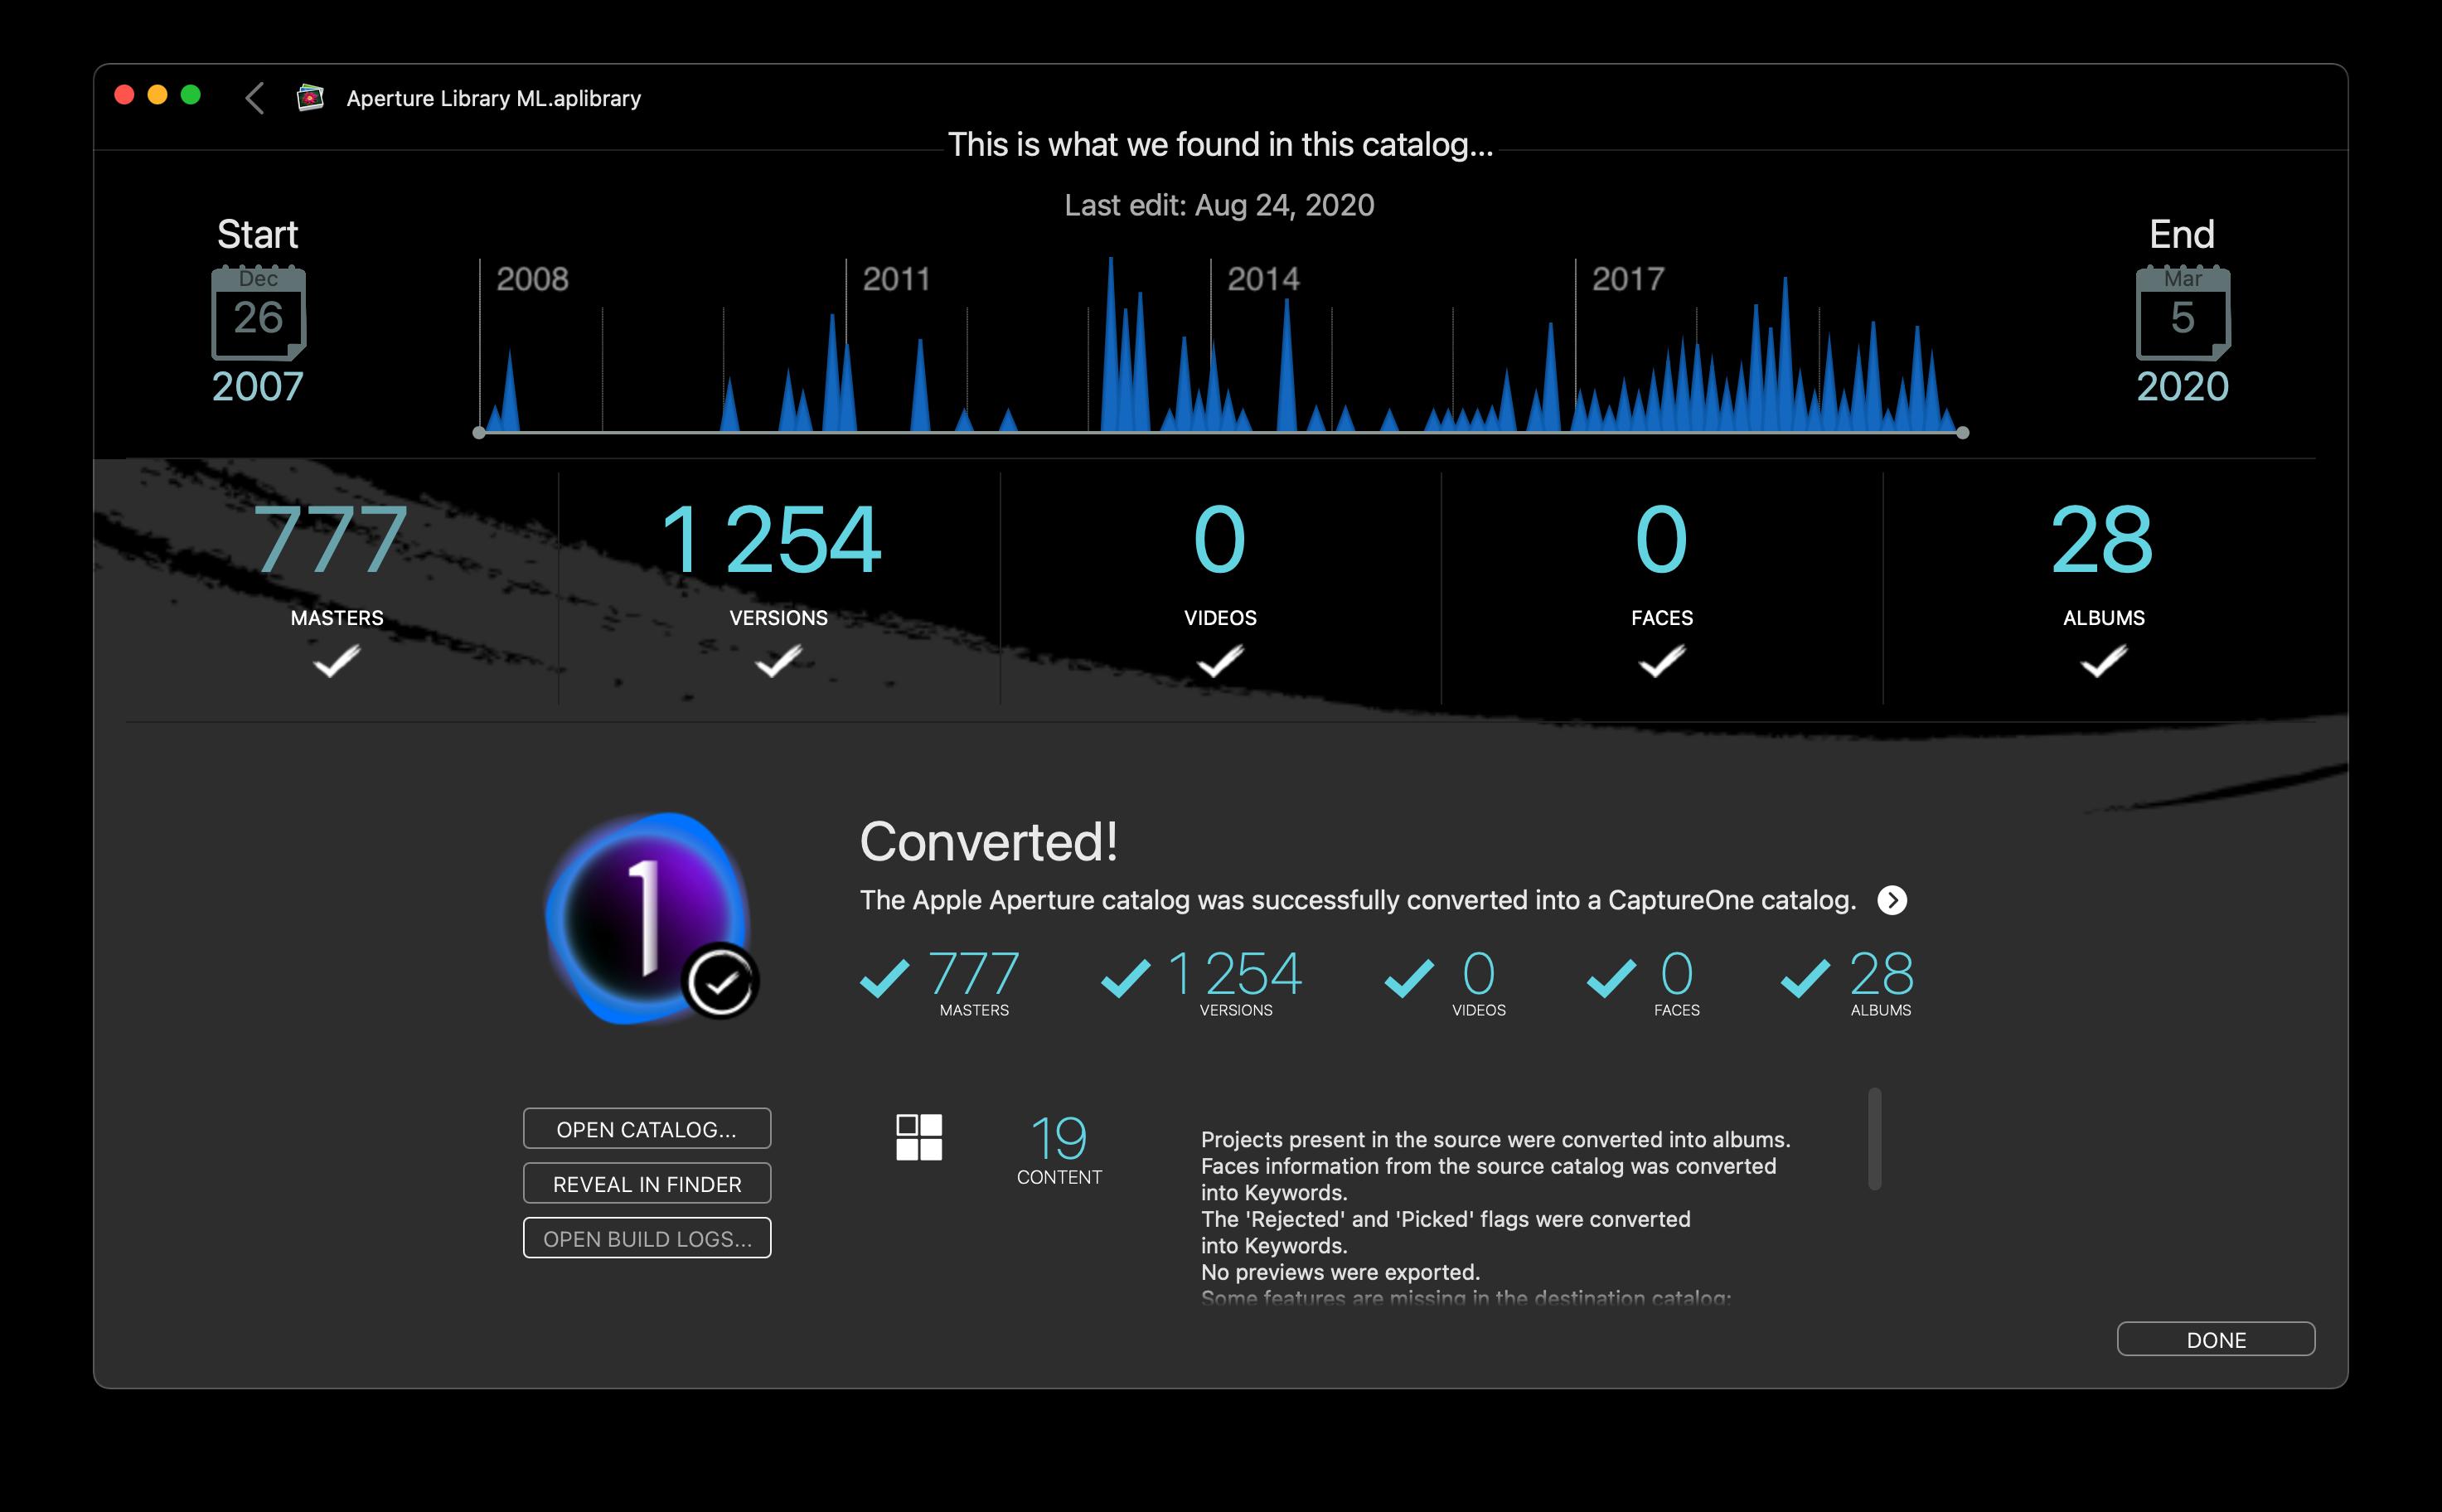 Bildschirmfoto Statusbericht Avalanche for Capture One 1.0